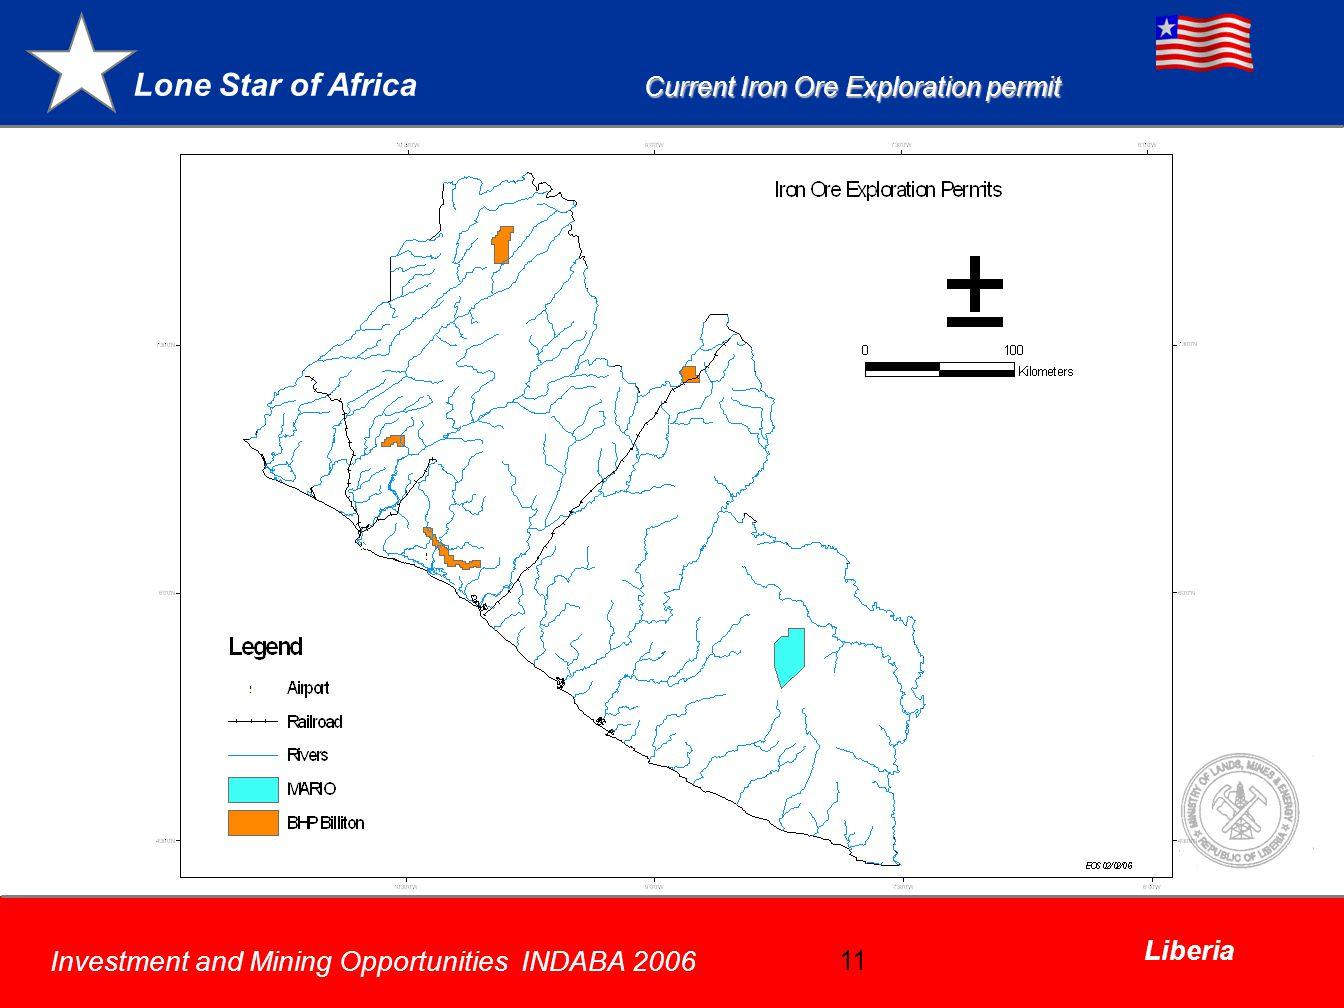 Current Iron Ore Exploration permit